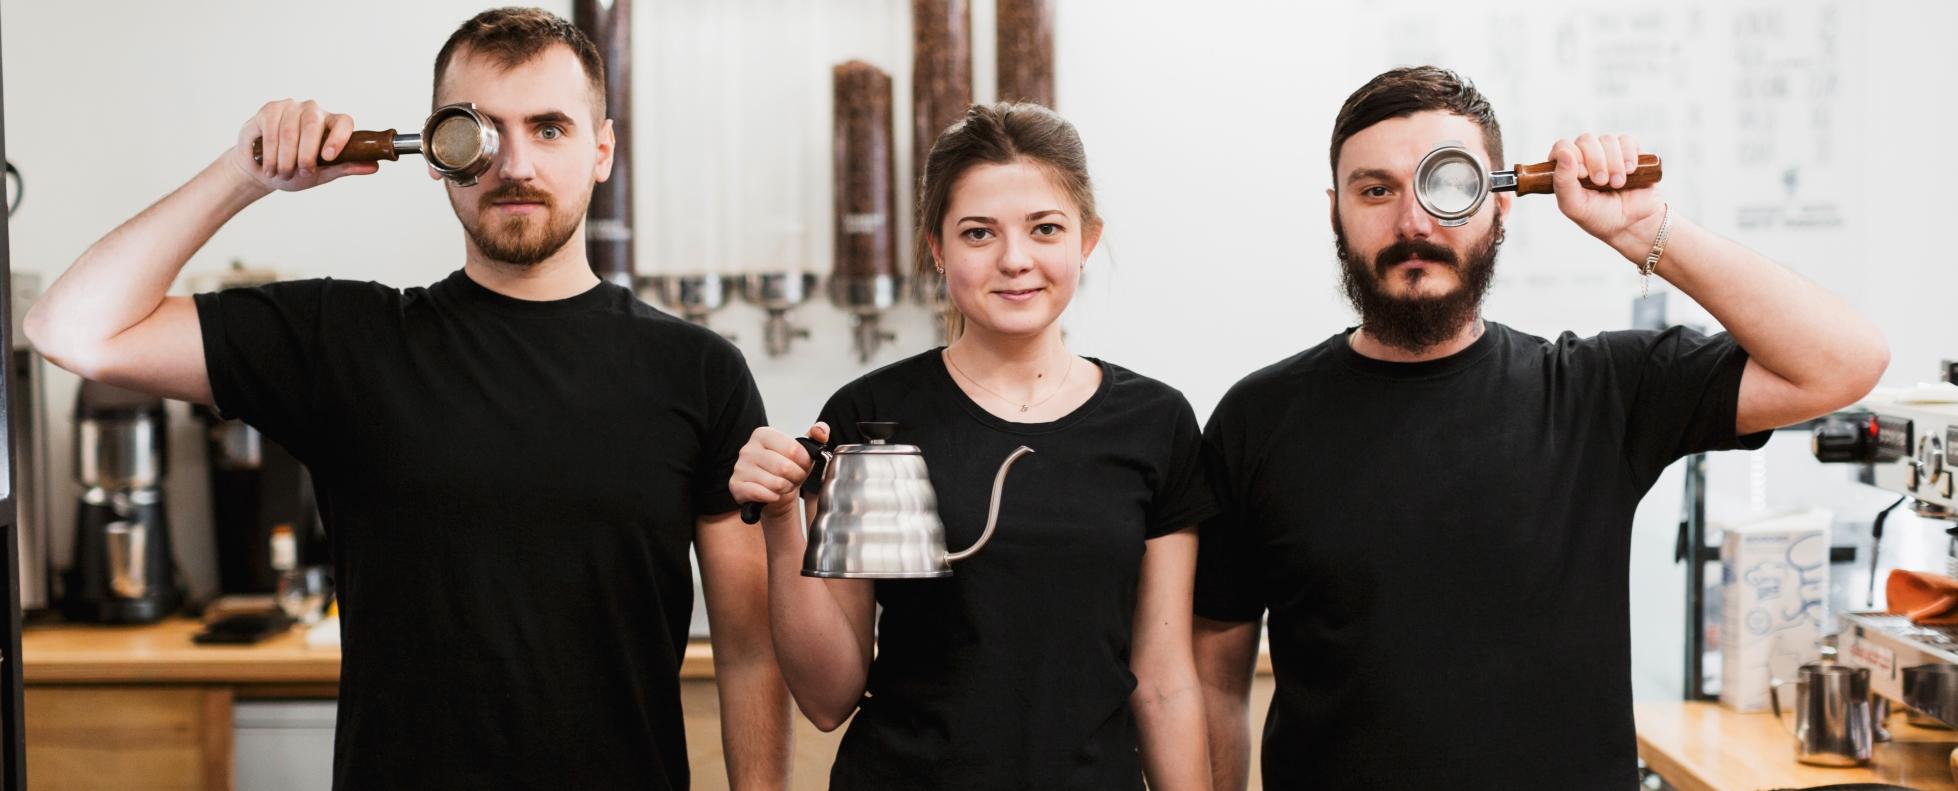 Lakást bérelne a Café Frei a képzésre és állásra jelentkező baristáknak